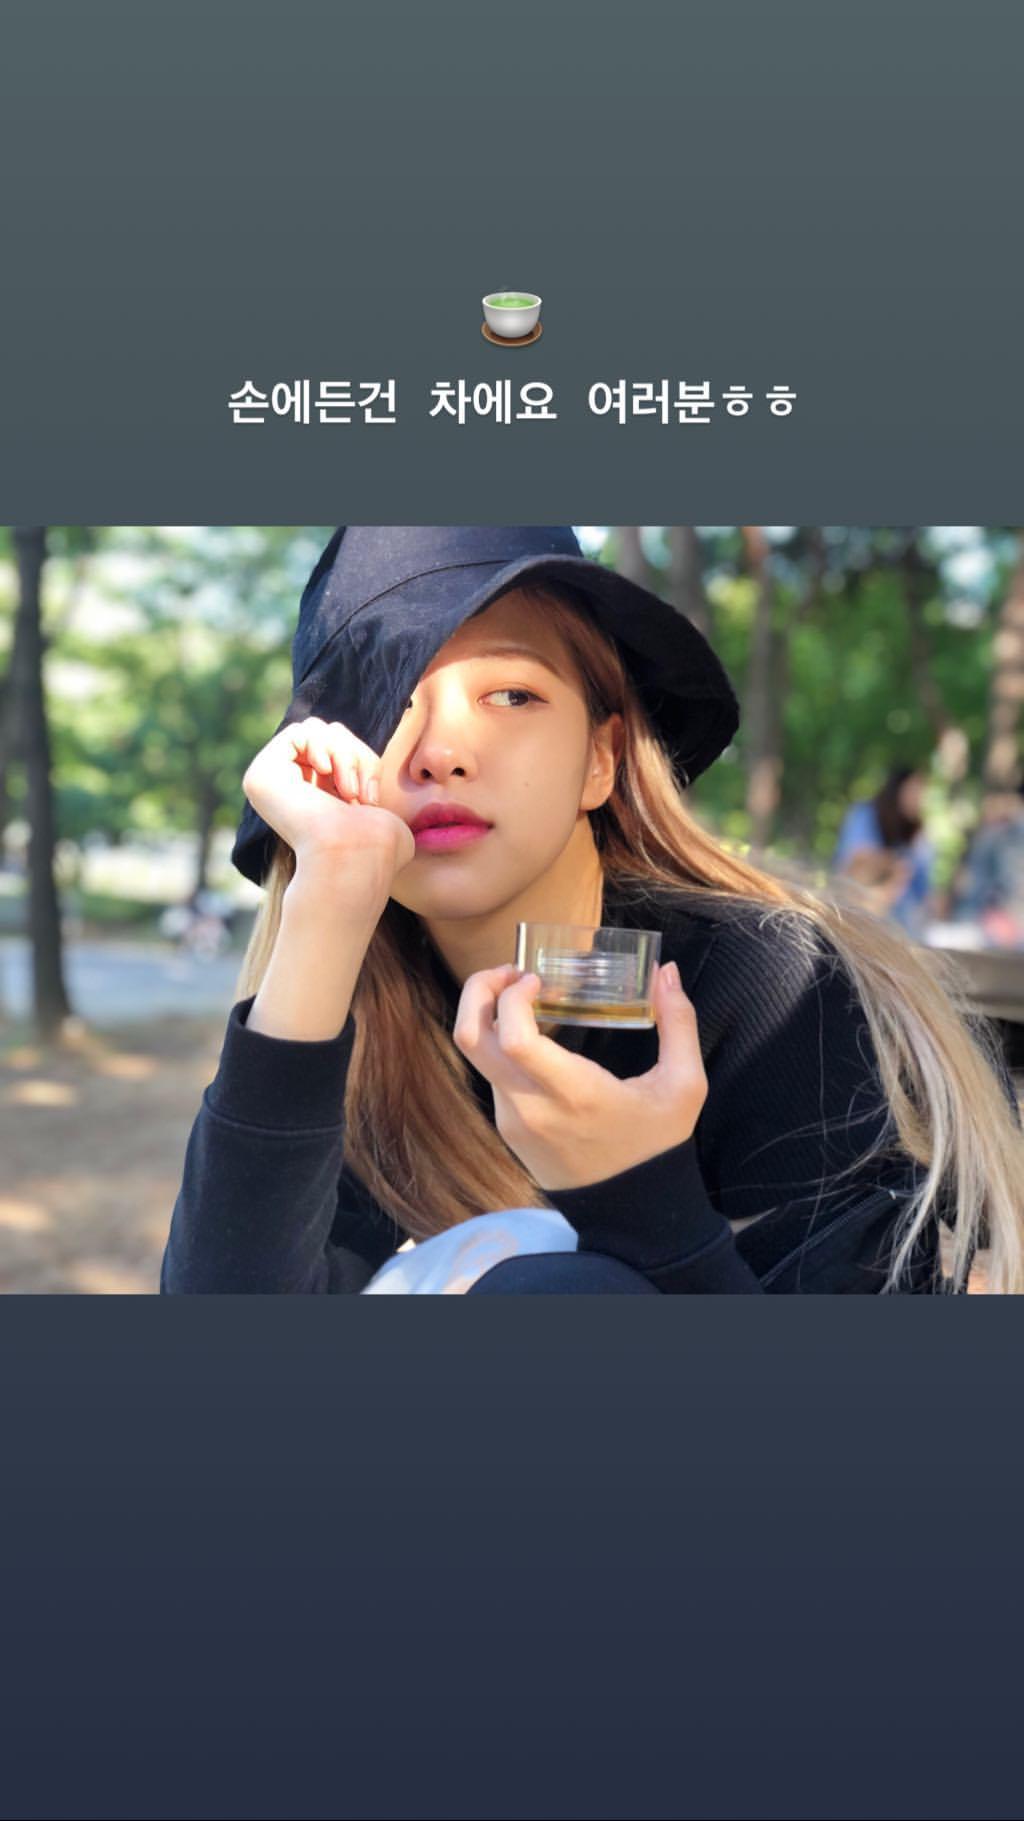 1 Blackpink Rose Instagram Story 30 September 2018 Wear Hat